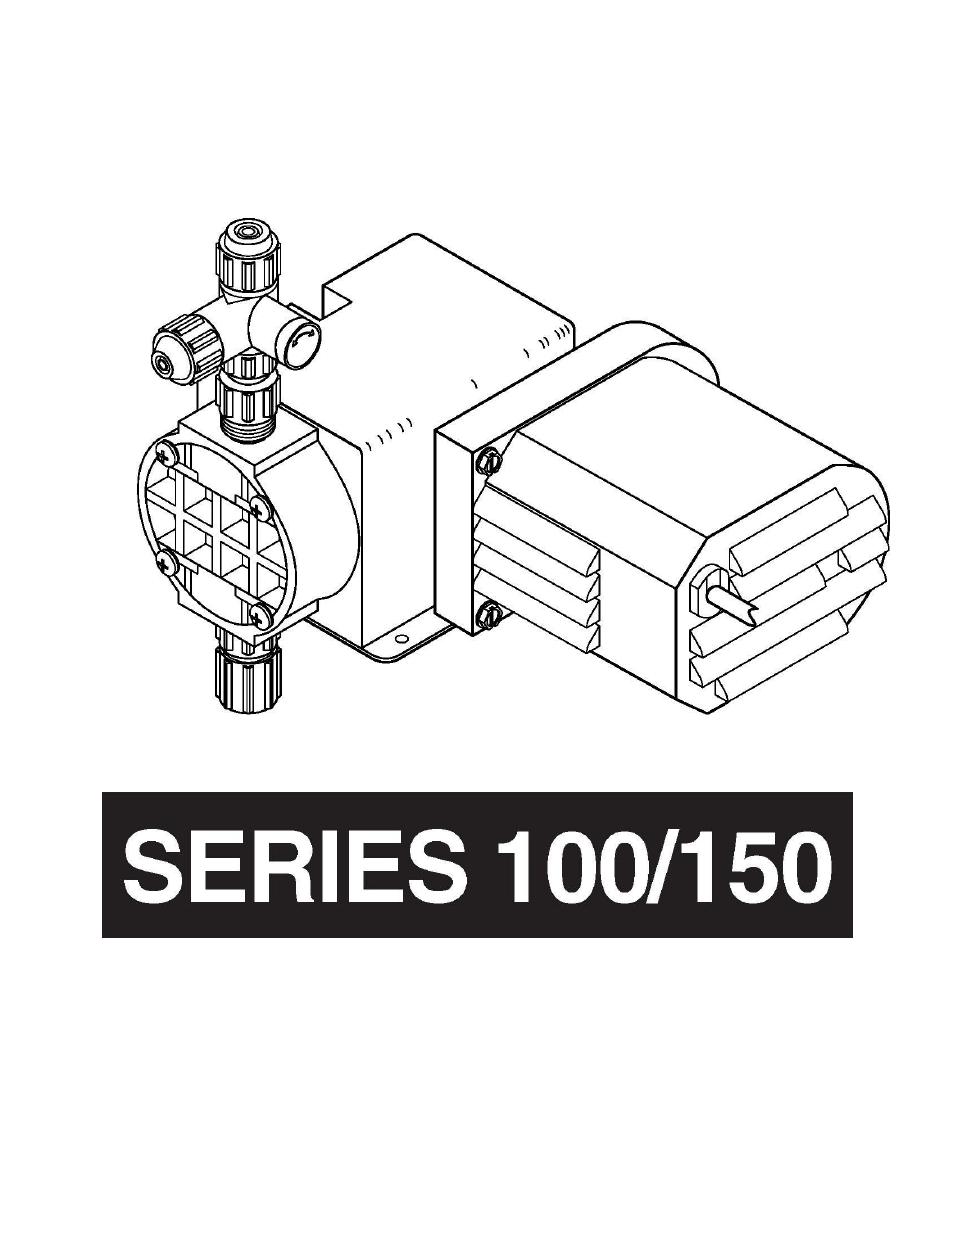 chem tech series 100 manual // abtraccoumi.ga